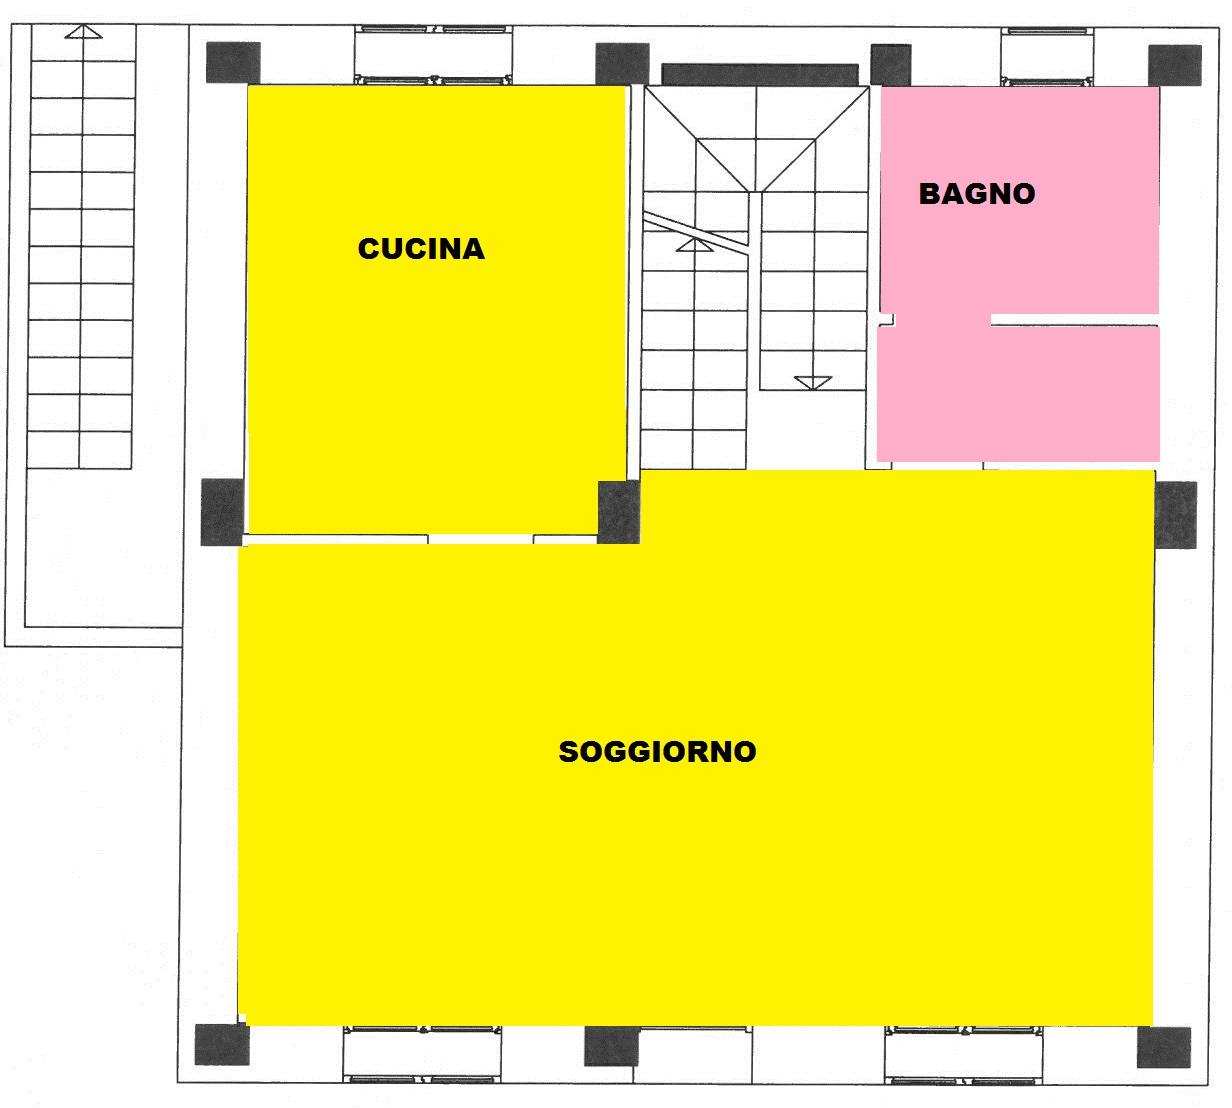 Villa in vendita a San Giuliano Terme, 5 locali, zona Zona: Gello, prezzo € 550.000 | Cambio Casa.it